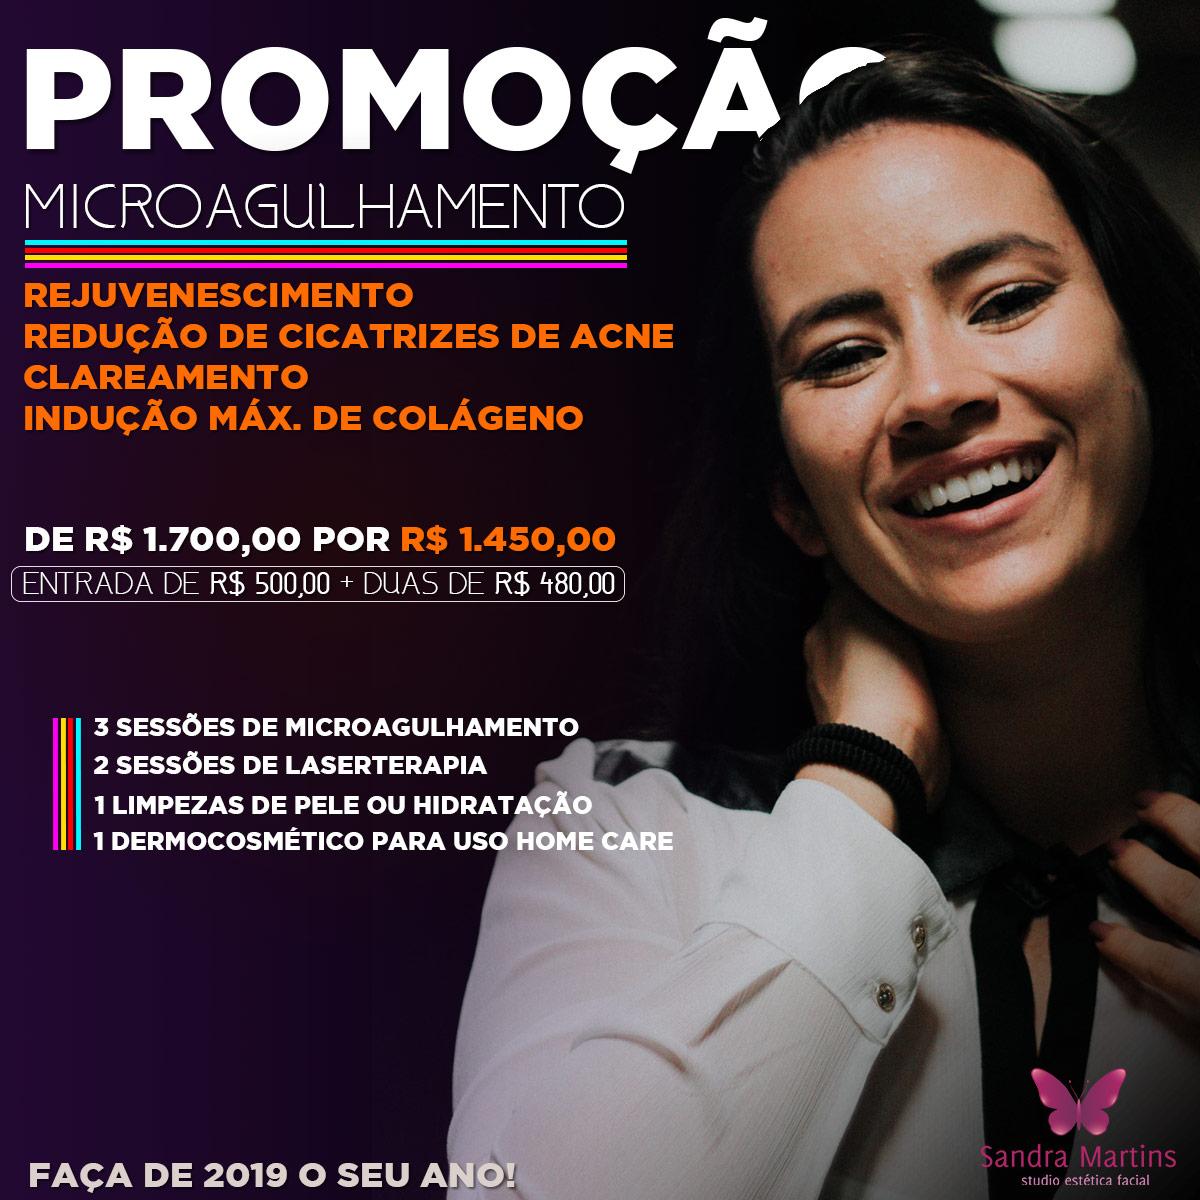 IMPERDÍVEL! O Studio Sandra Martins está com uma promoção especial de Microagulhamento para esse final de ano.